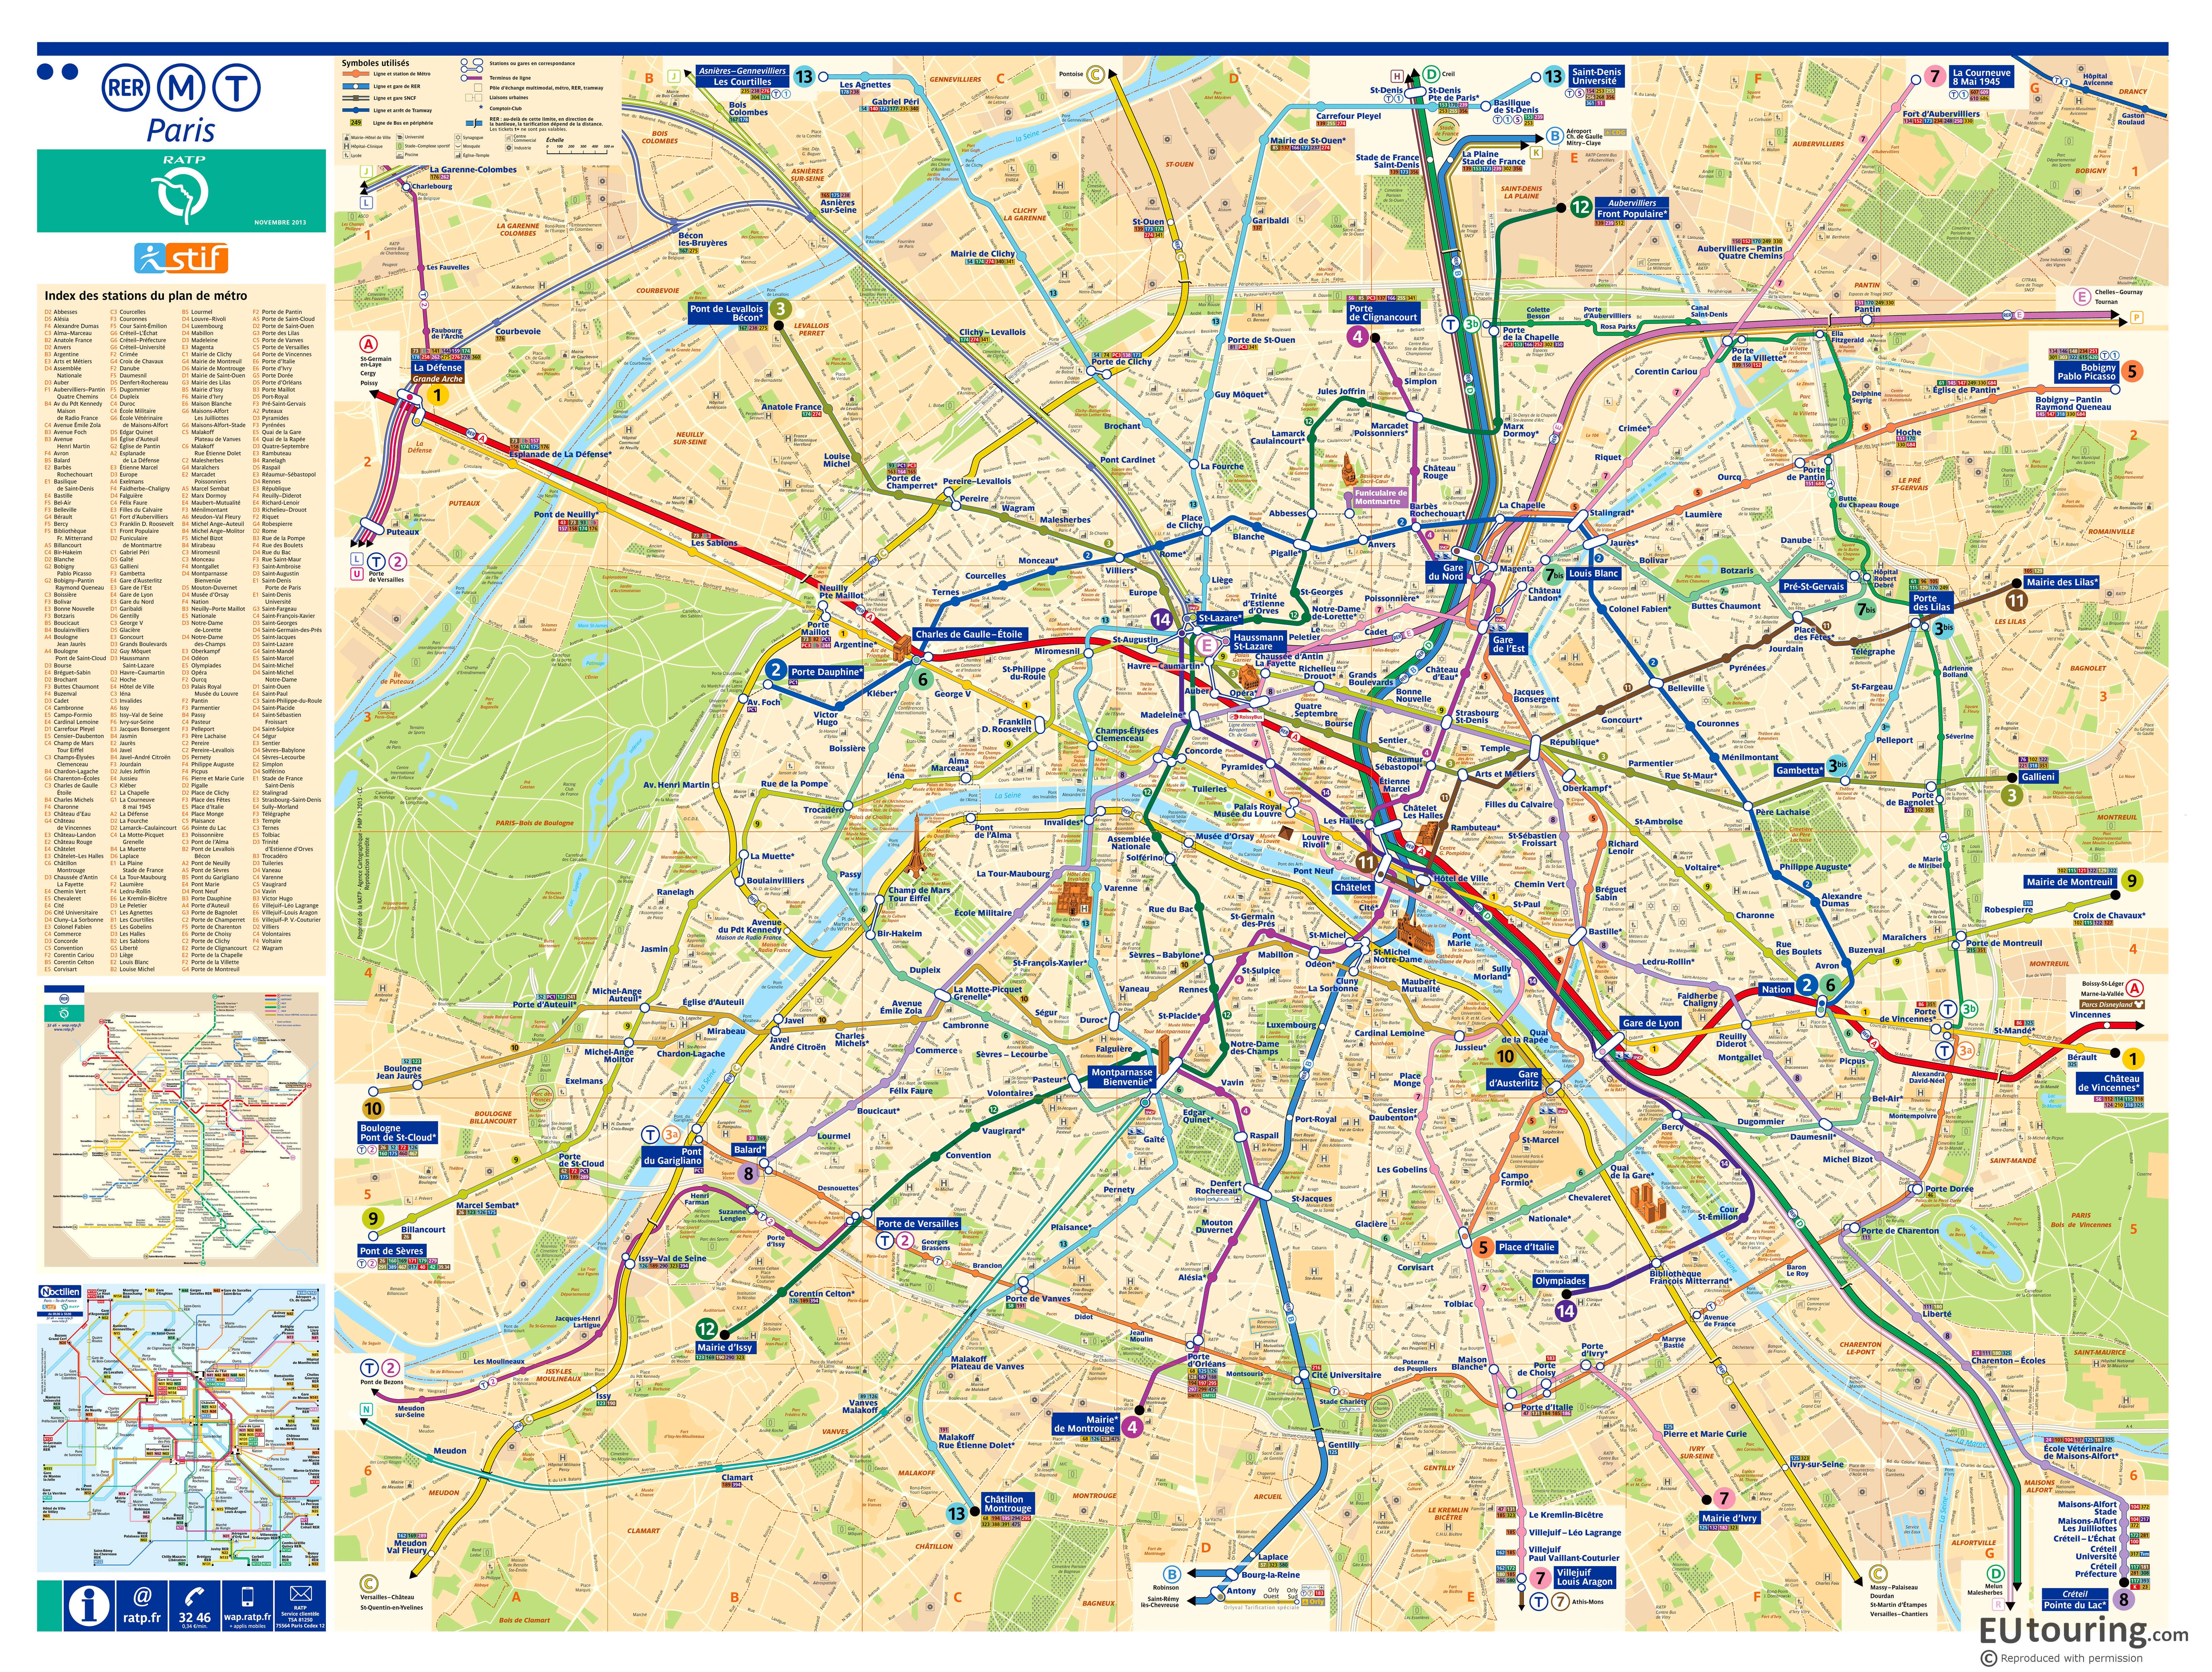 Street plan Paris Metro map